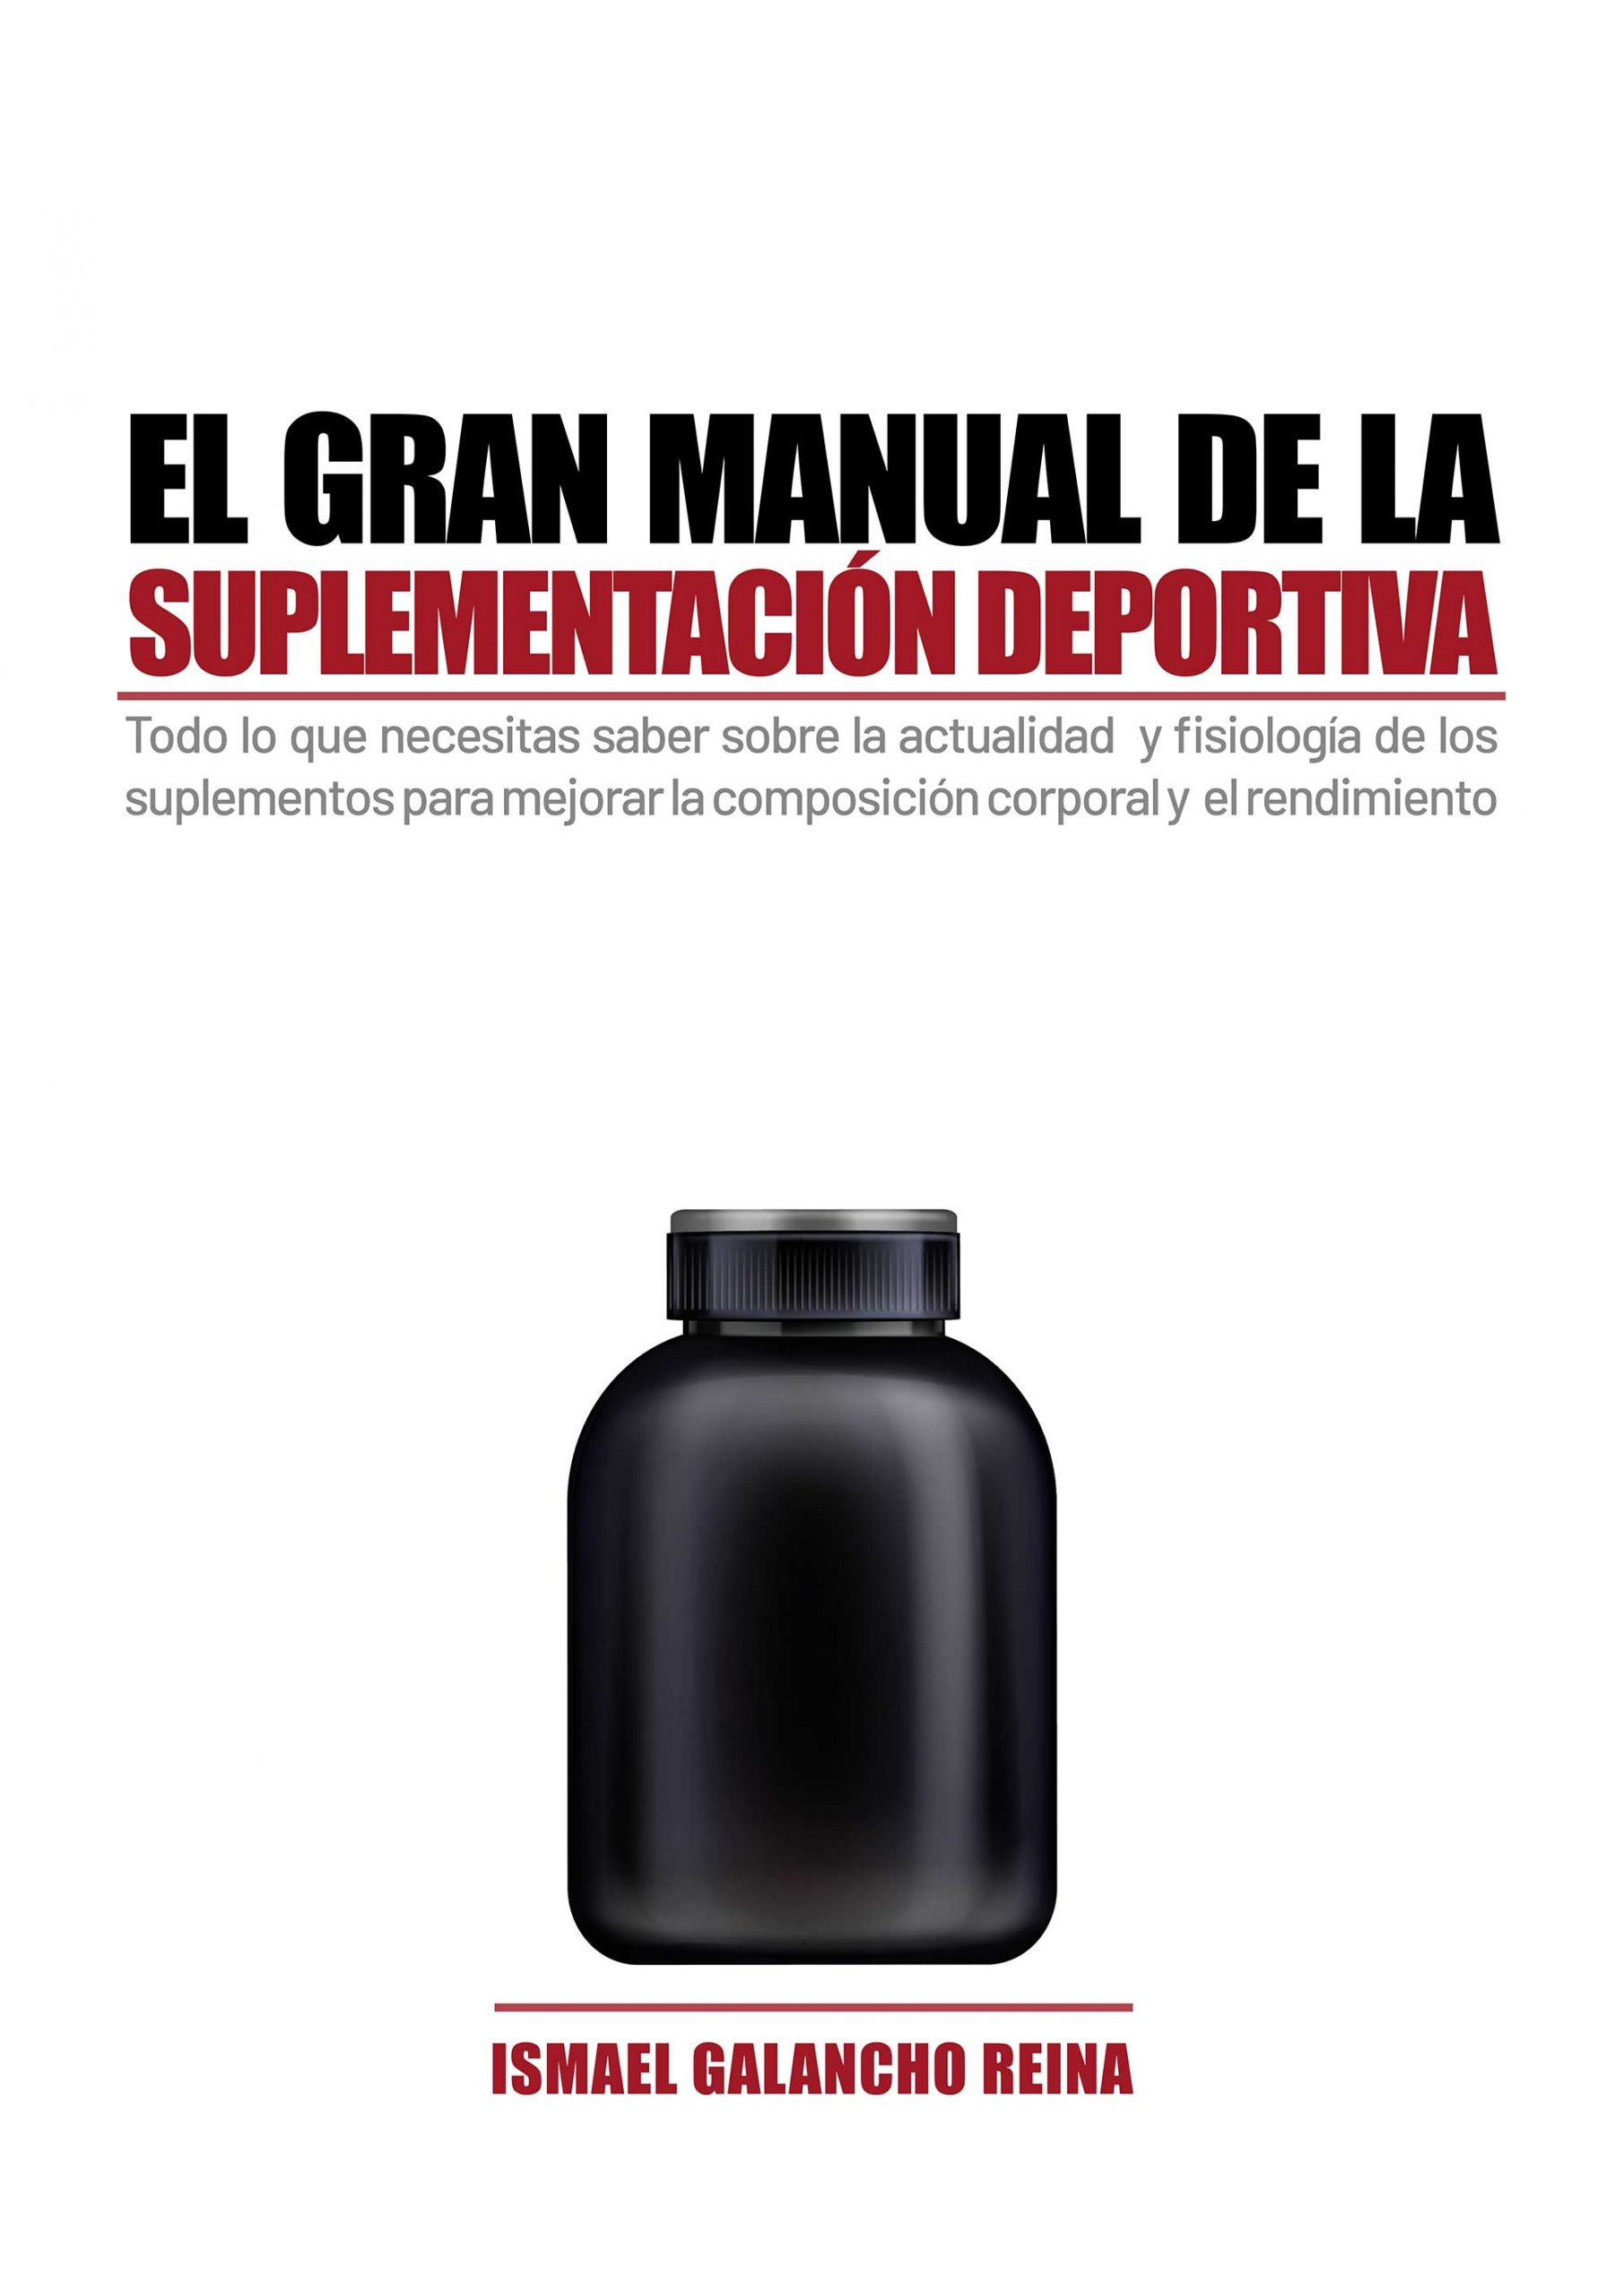 El gran manual de la suplementación deportiva